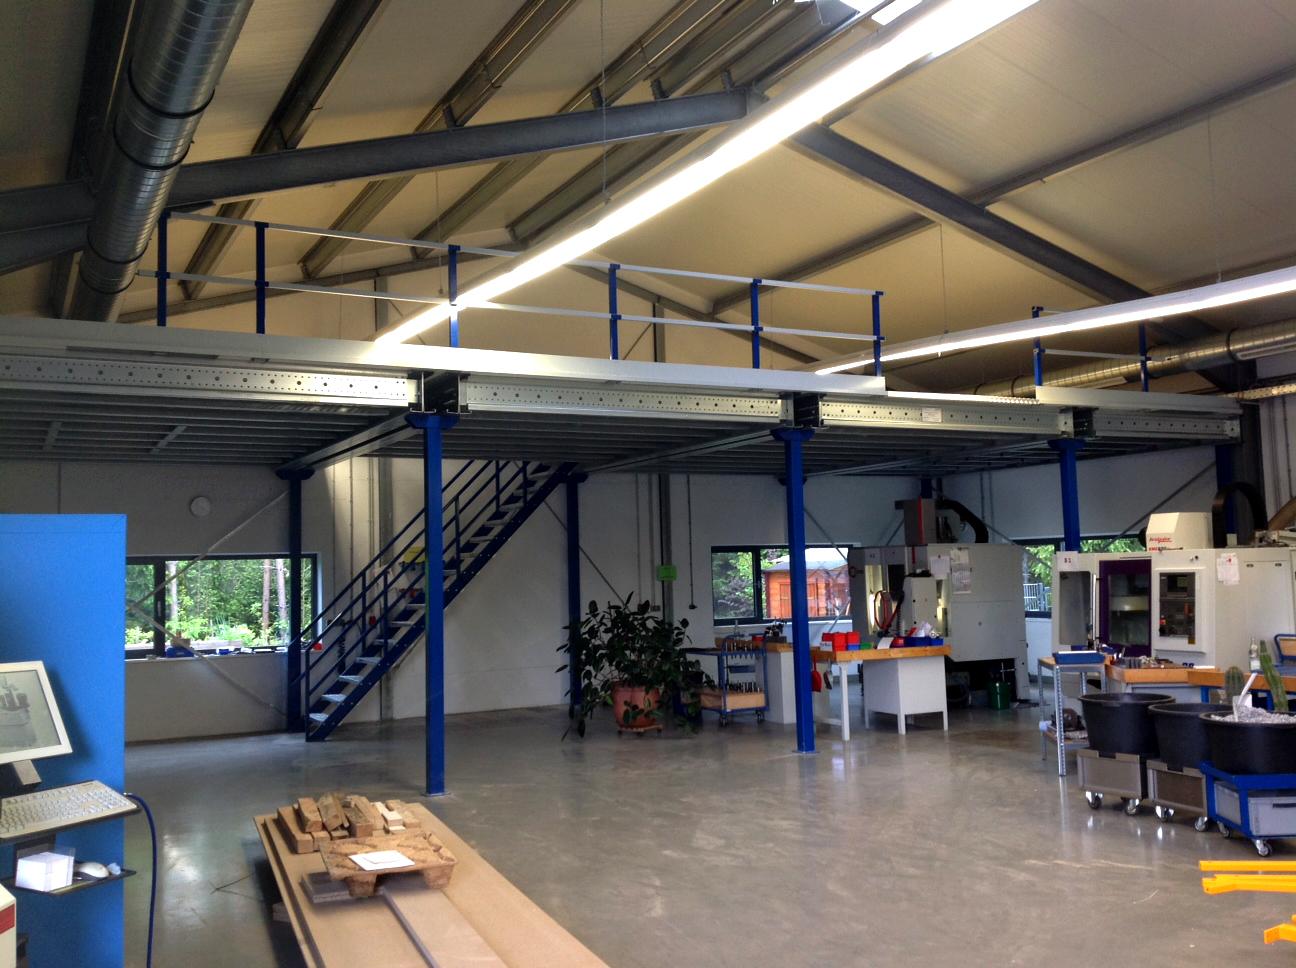 Entresol en Entresols van Noordrek online ontwerpen en berekenen